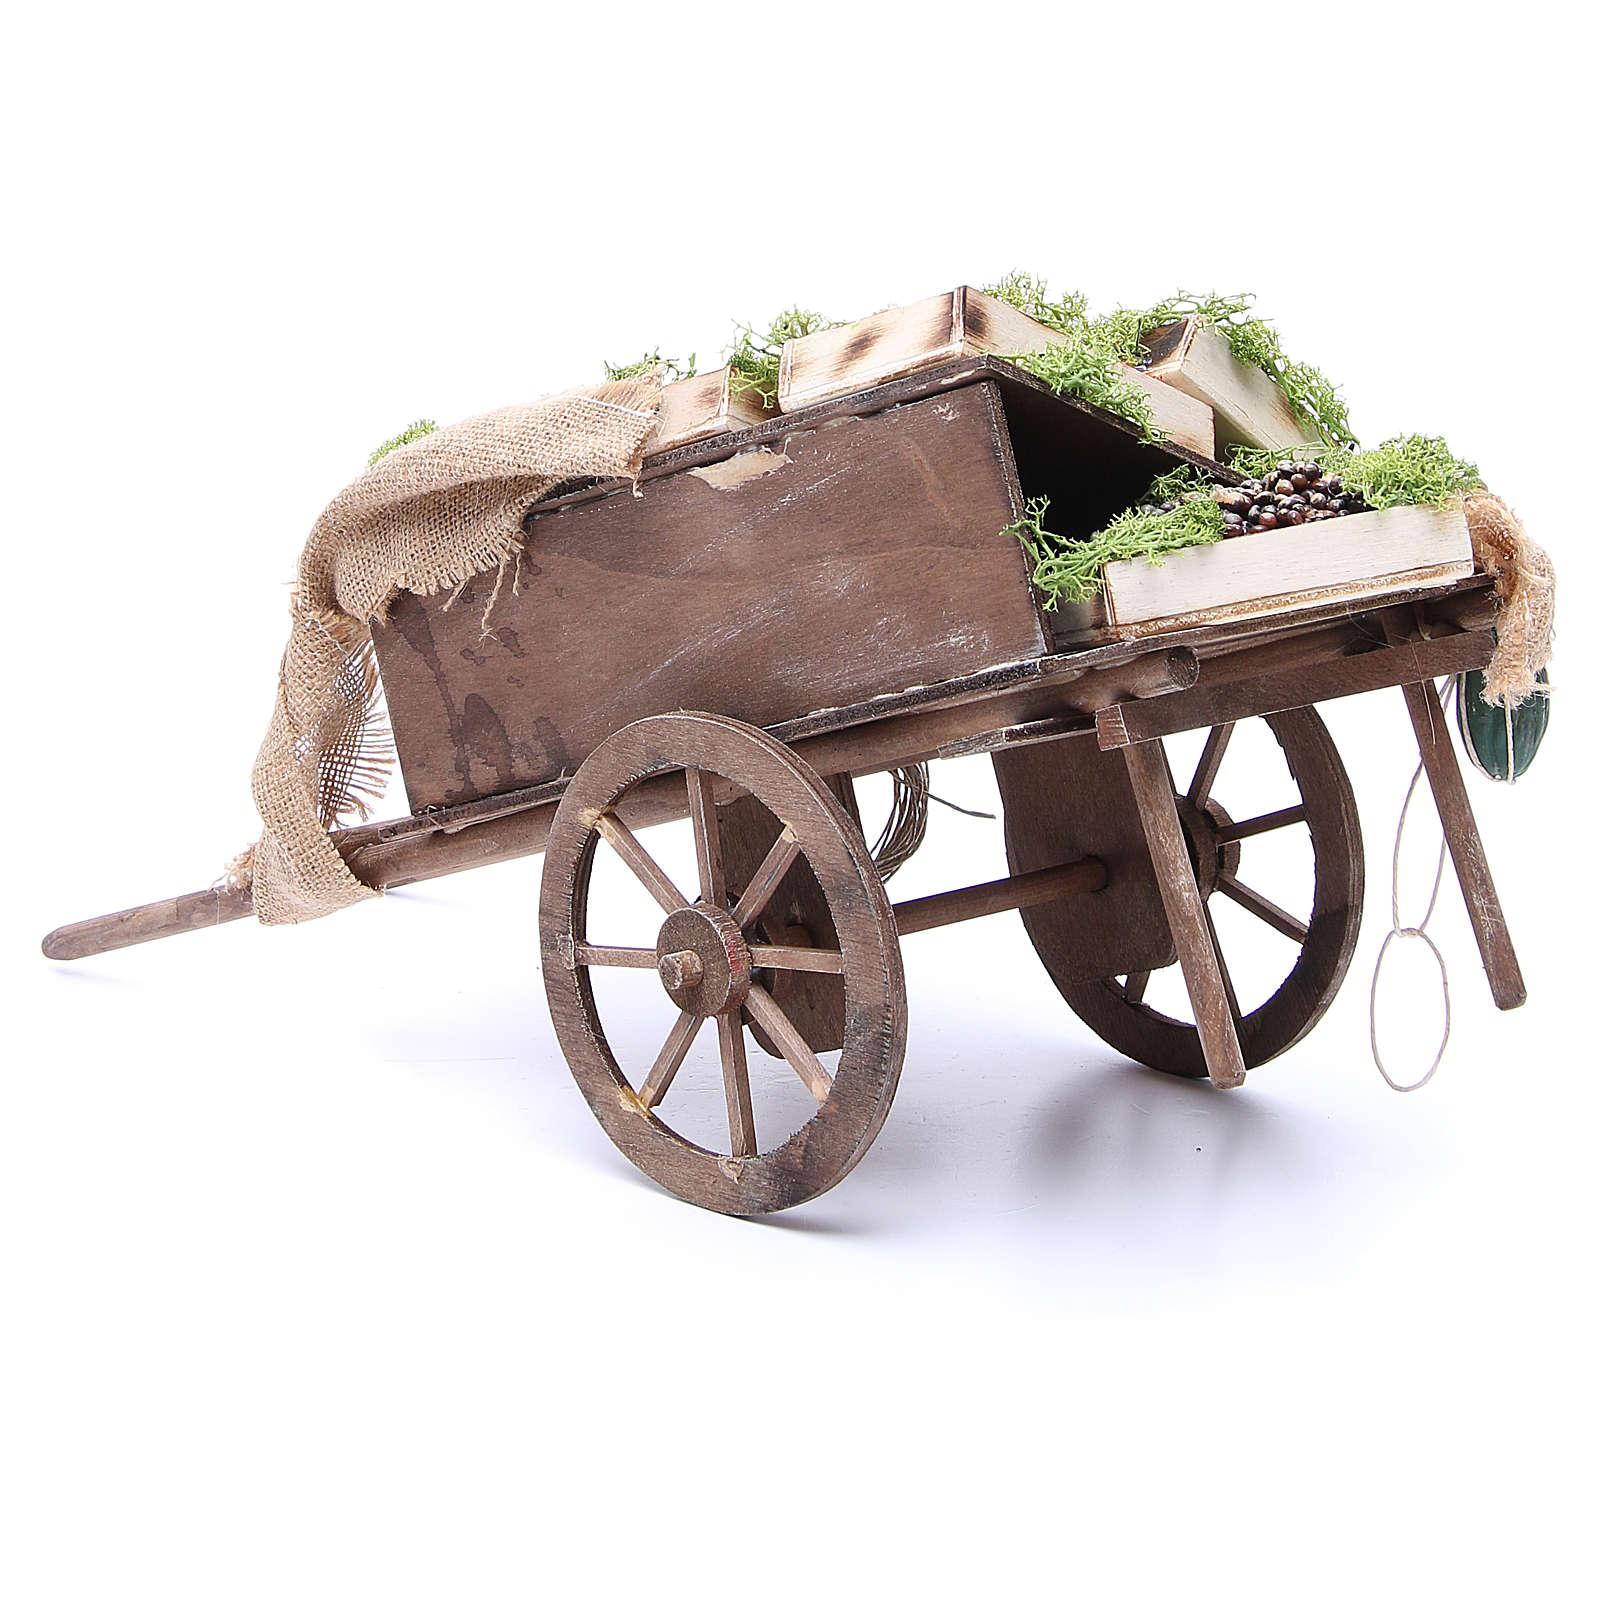 Wóz z owocami szopka neapolitańska 24 cm 4